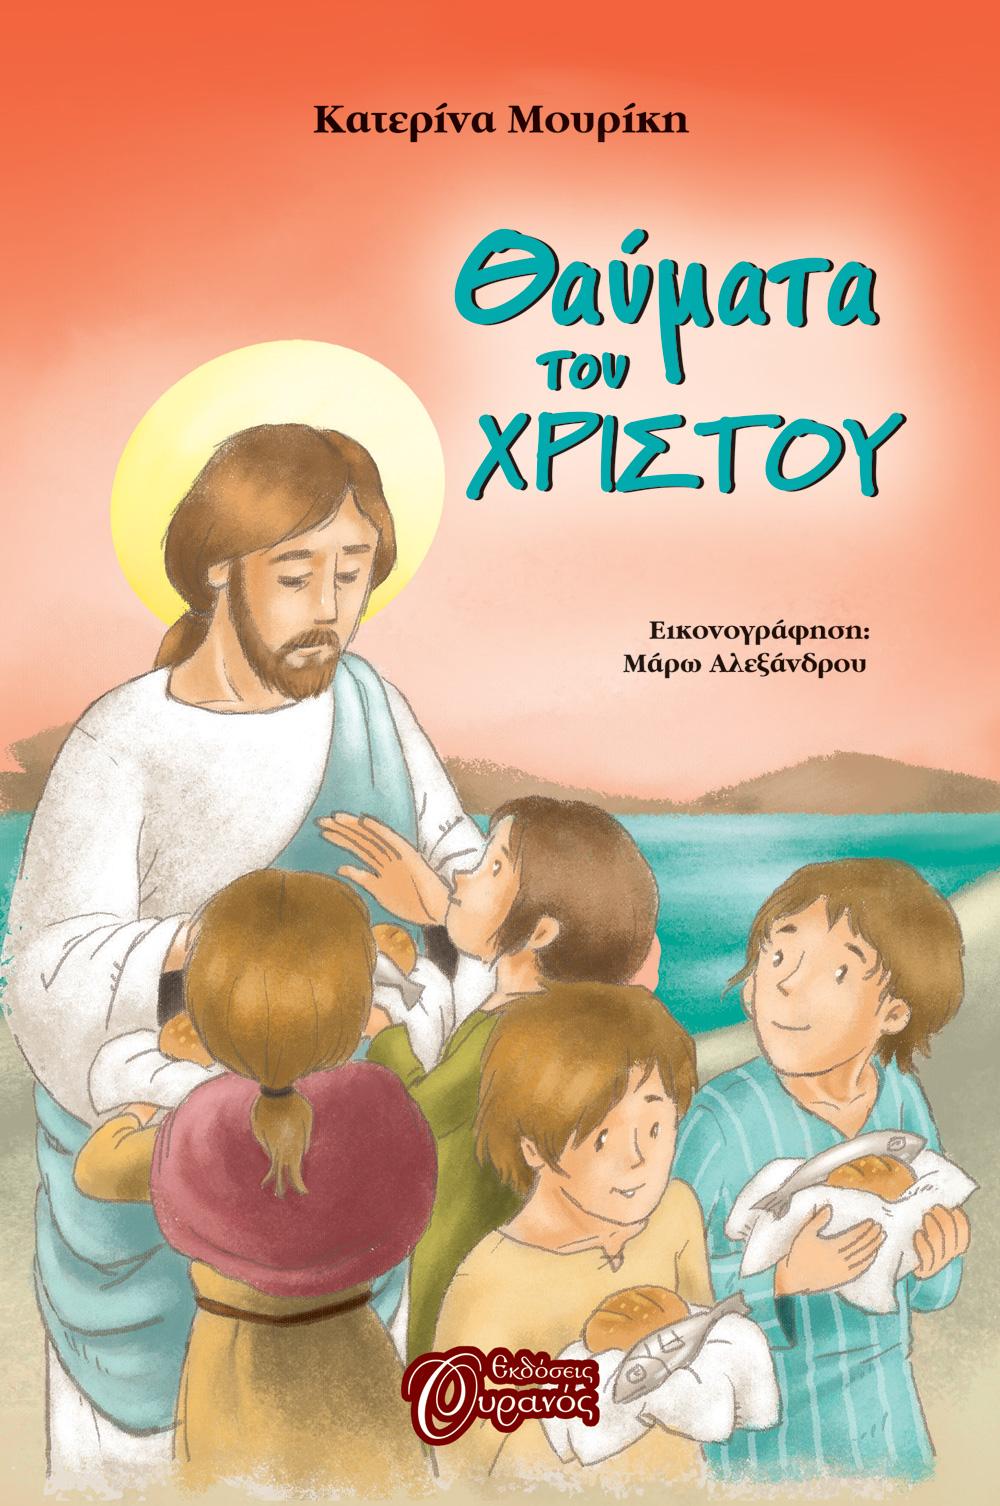 Αποτέλεσμα εικόνας για παιδικο ορθοδοξο βιβλιο